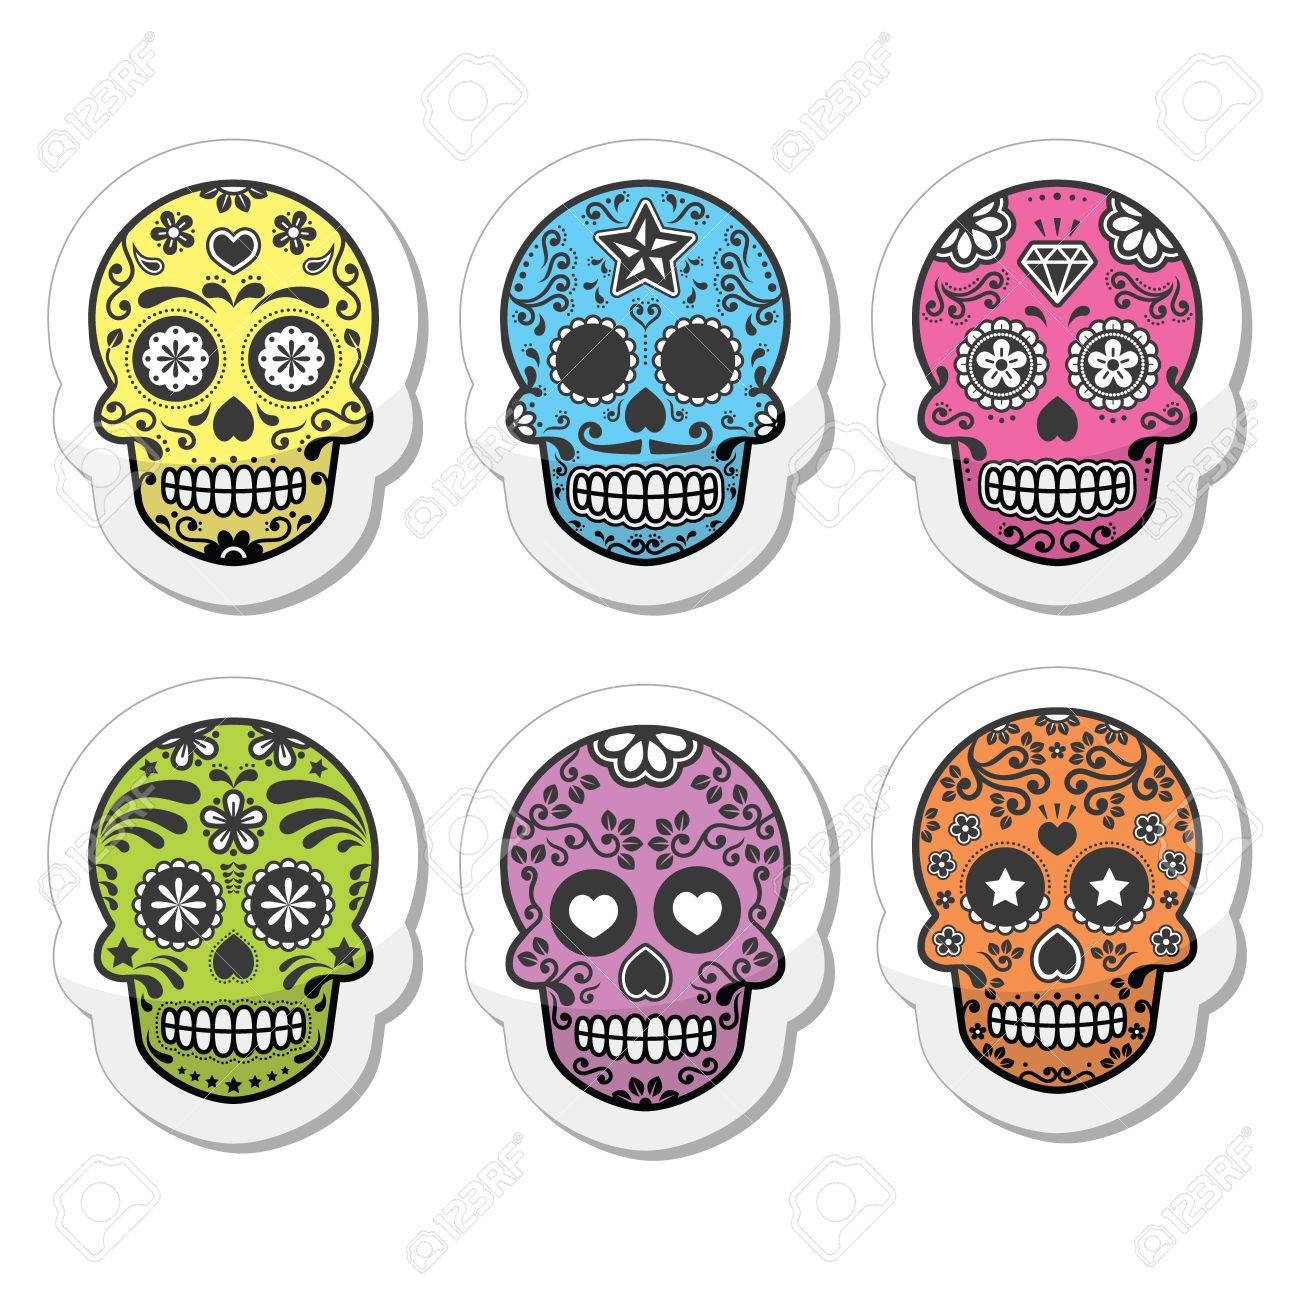 Mexican sugar skull, Dia de los Muertos icons set.